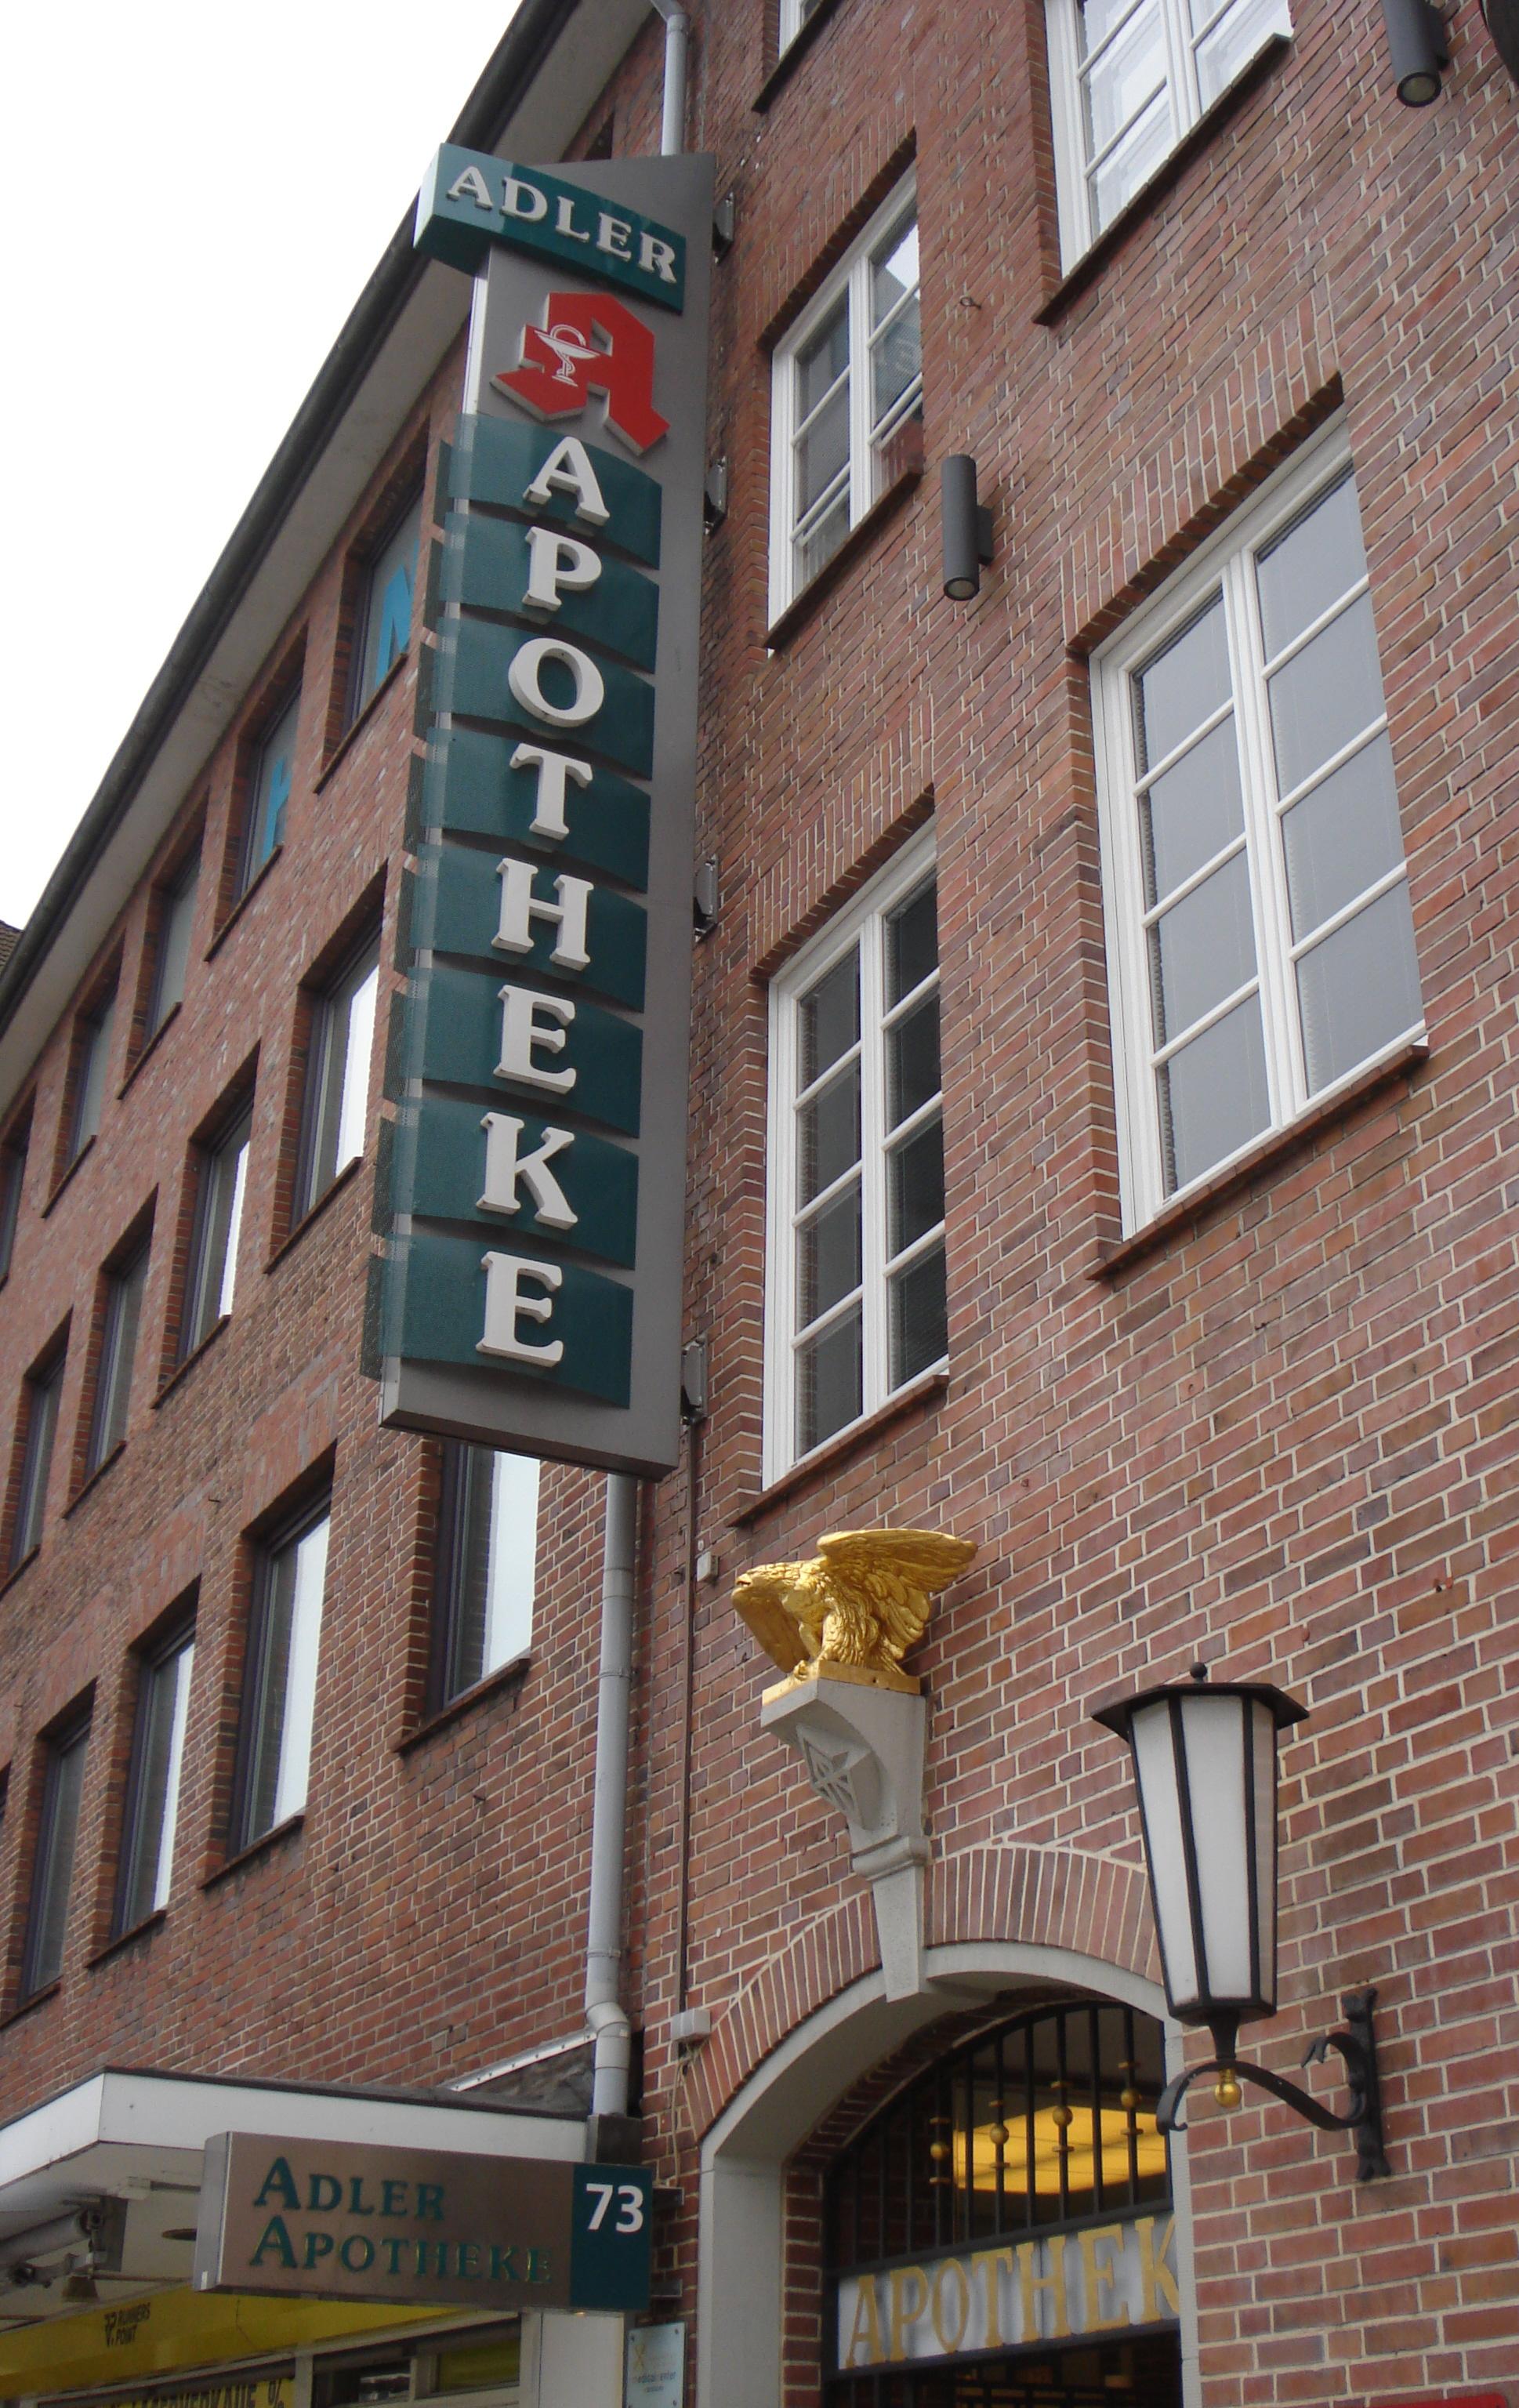 adler apotheke hamburg